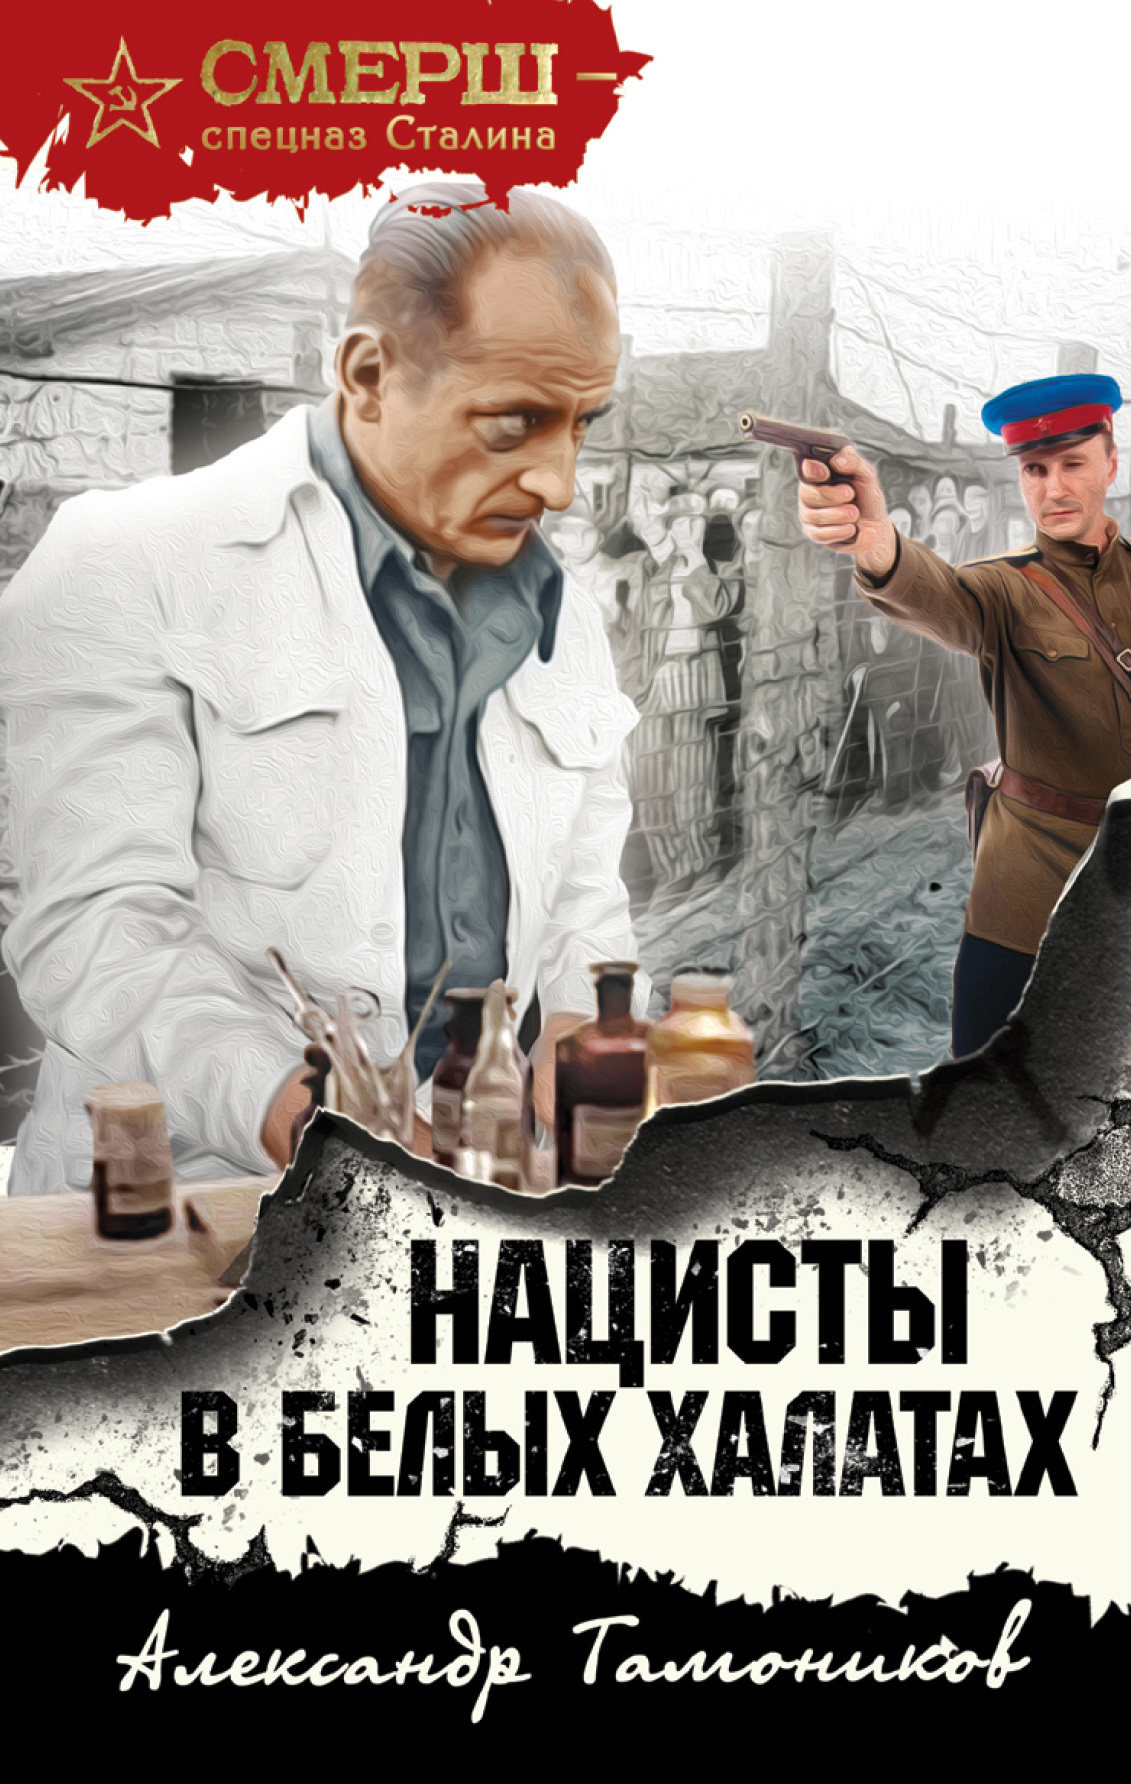 Александр Тамоников. Нацисты в белых халатах